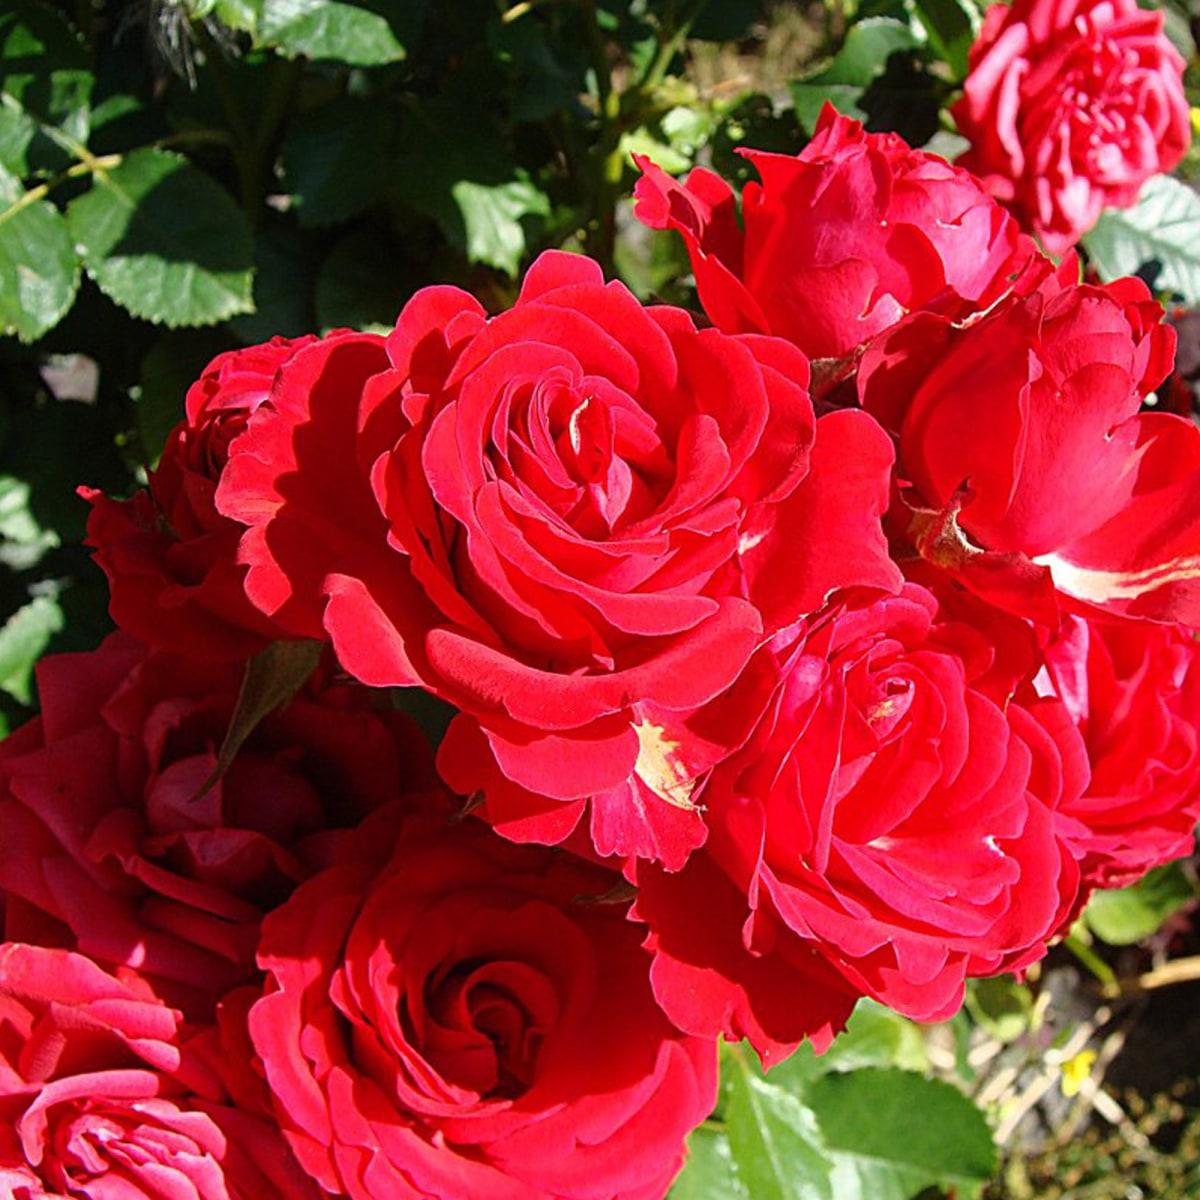 салавате карте розы плетистые фото с названием сорта можем